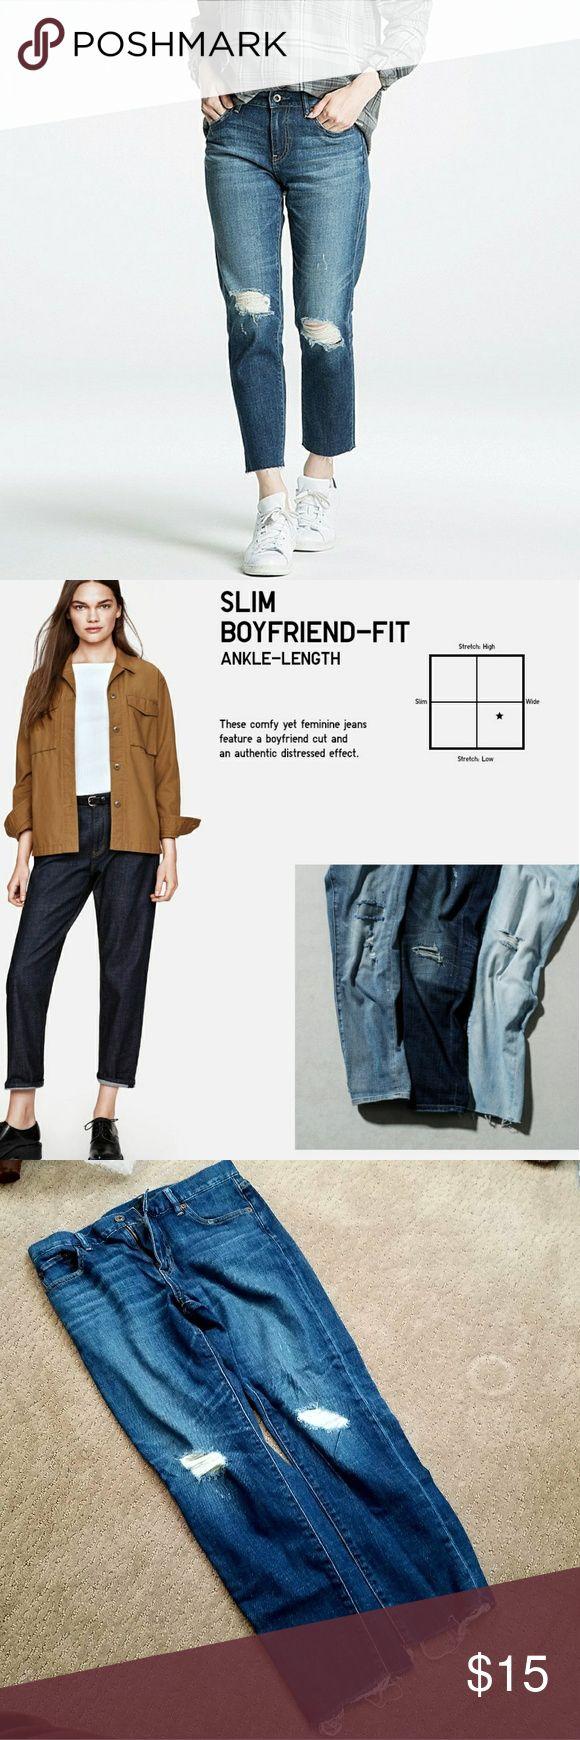 Uniqlo Slim Boyfriend Tapered jeans Size: 24 Slim Boyfriend Tapered jeans with distressing. Midrise waist Super cute and comfy! Uniqlo Jeans Boyfriend